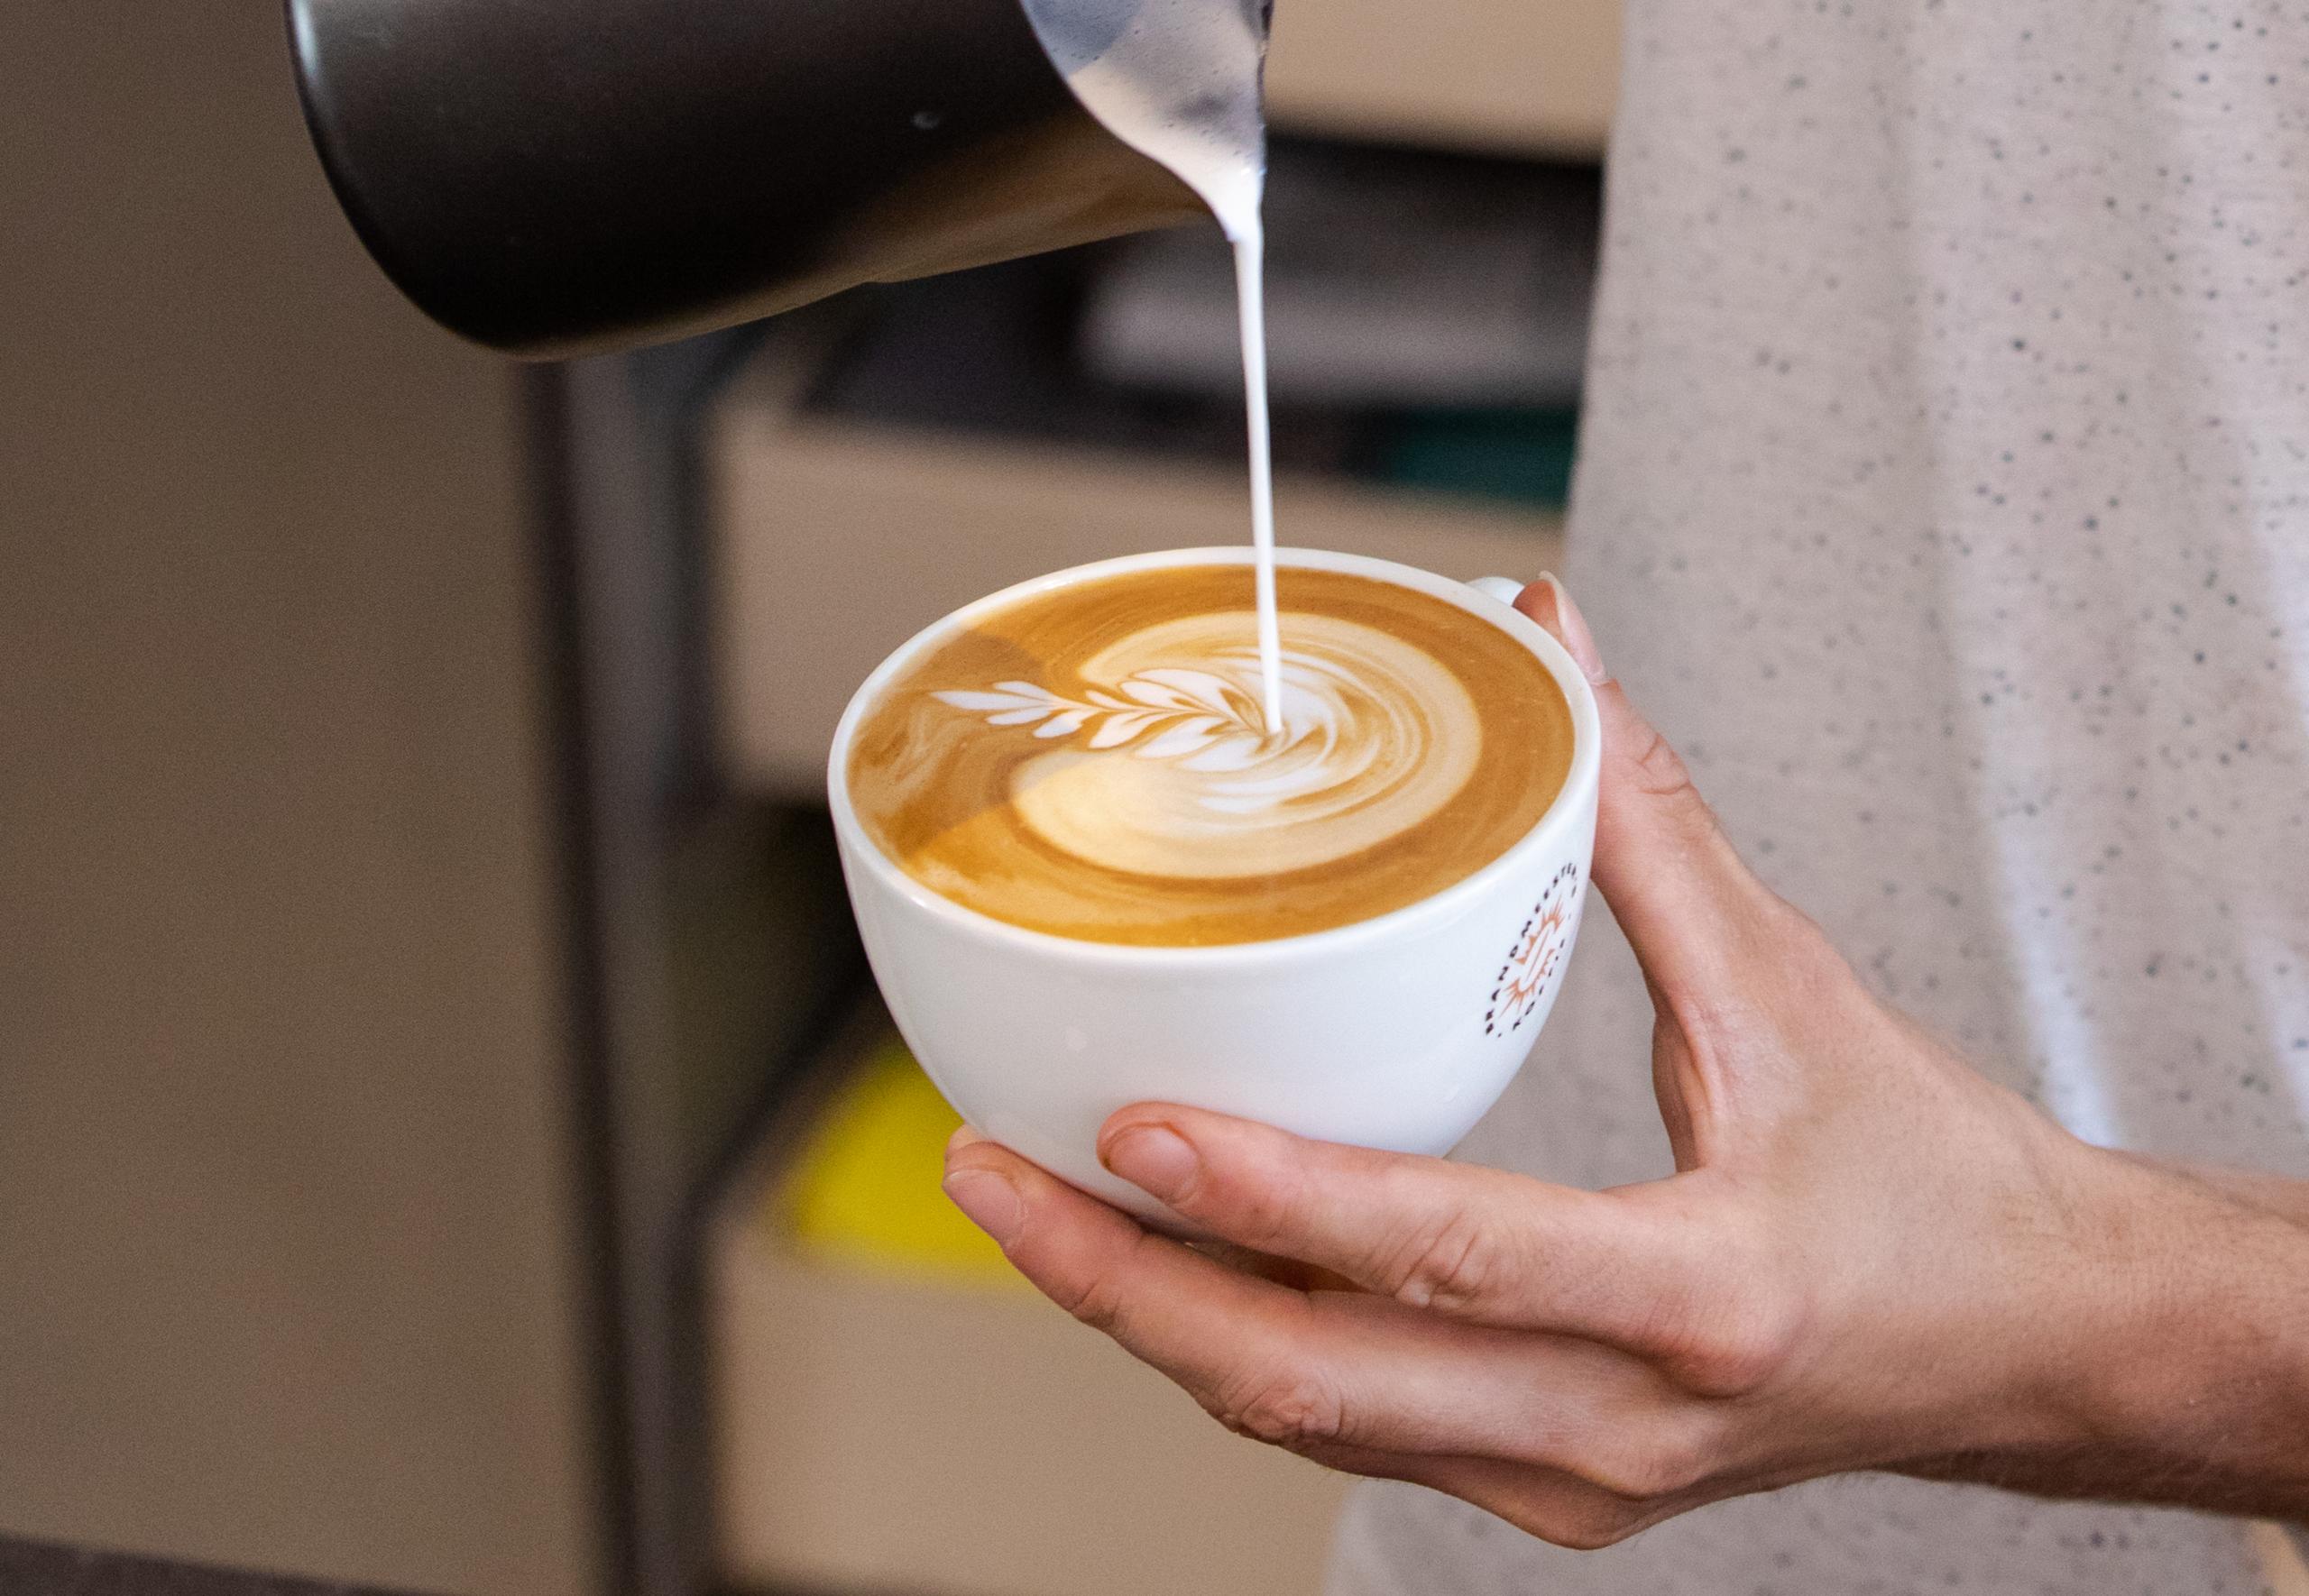 Brandmeesters koffie horeca latte art cappuccino koffie amsterdam haarlem